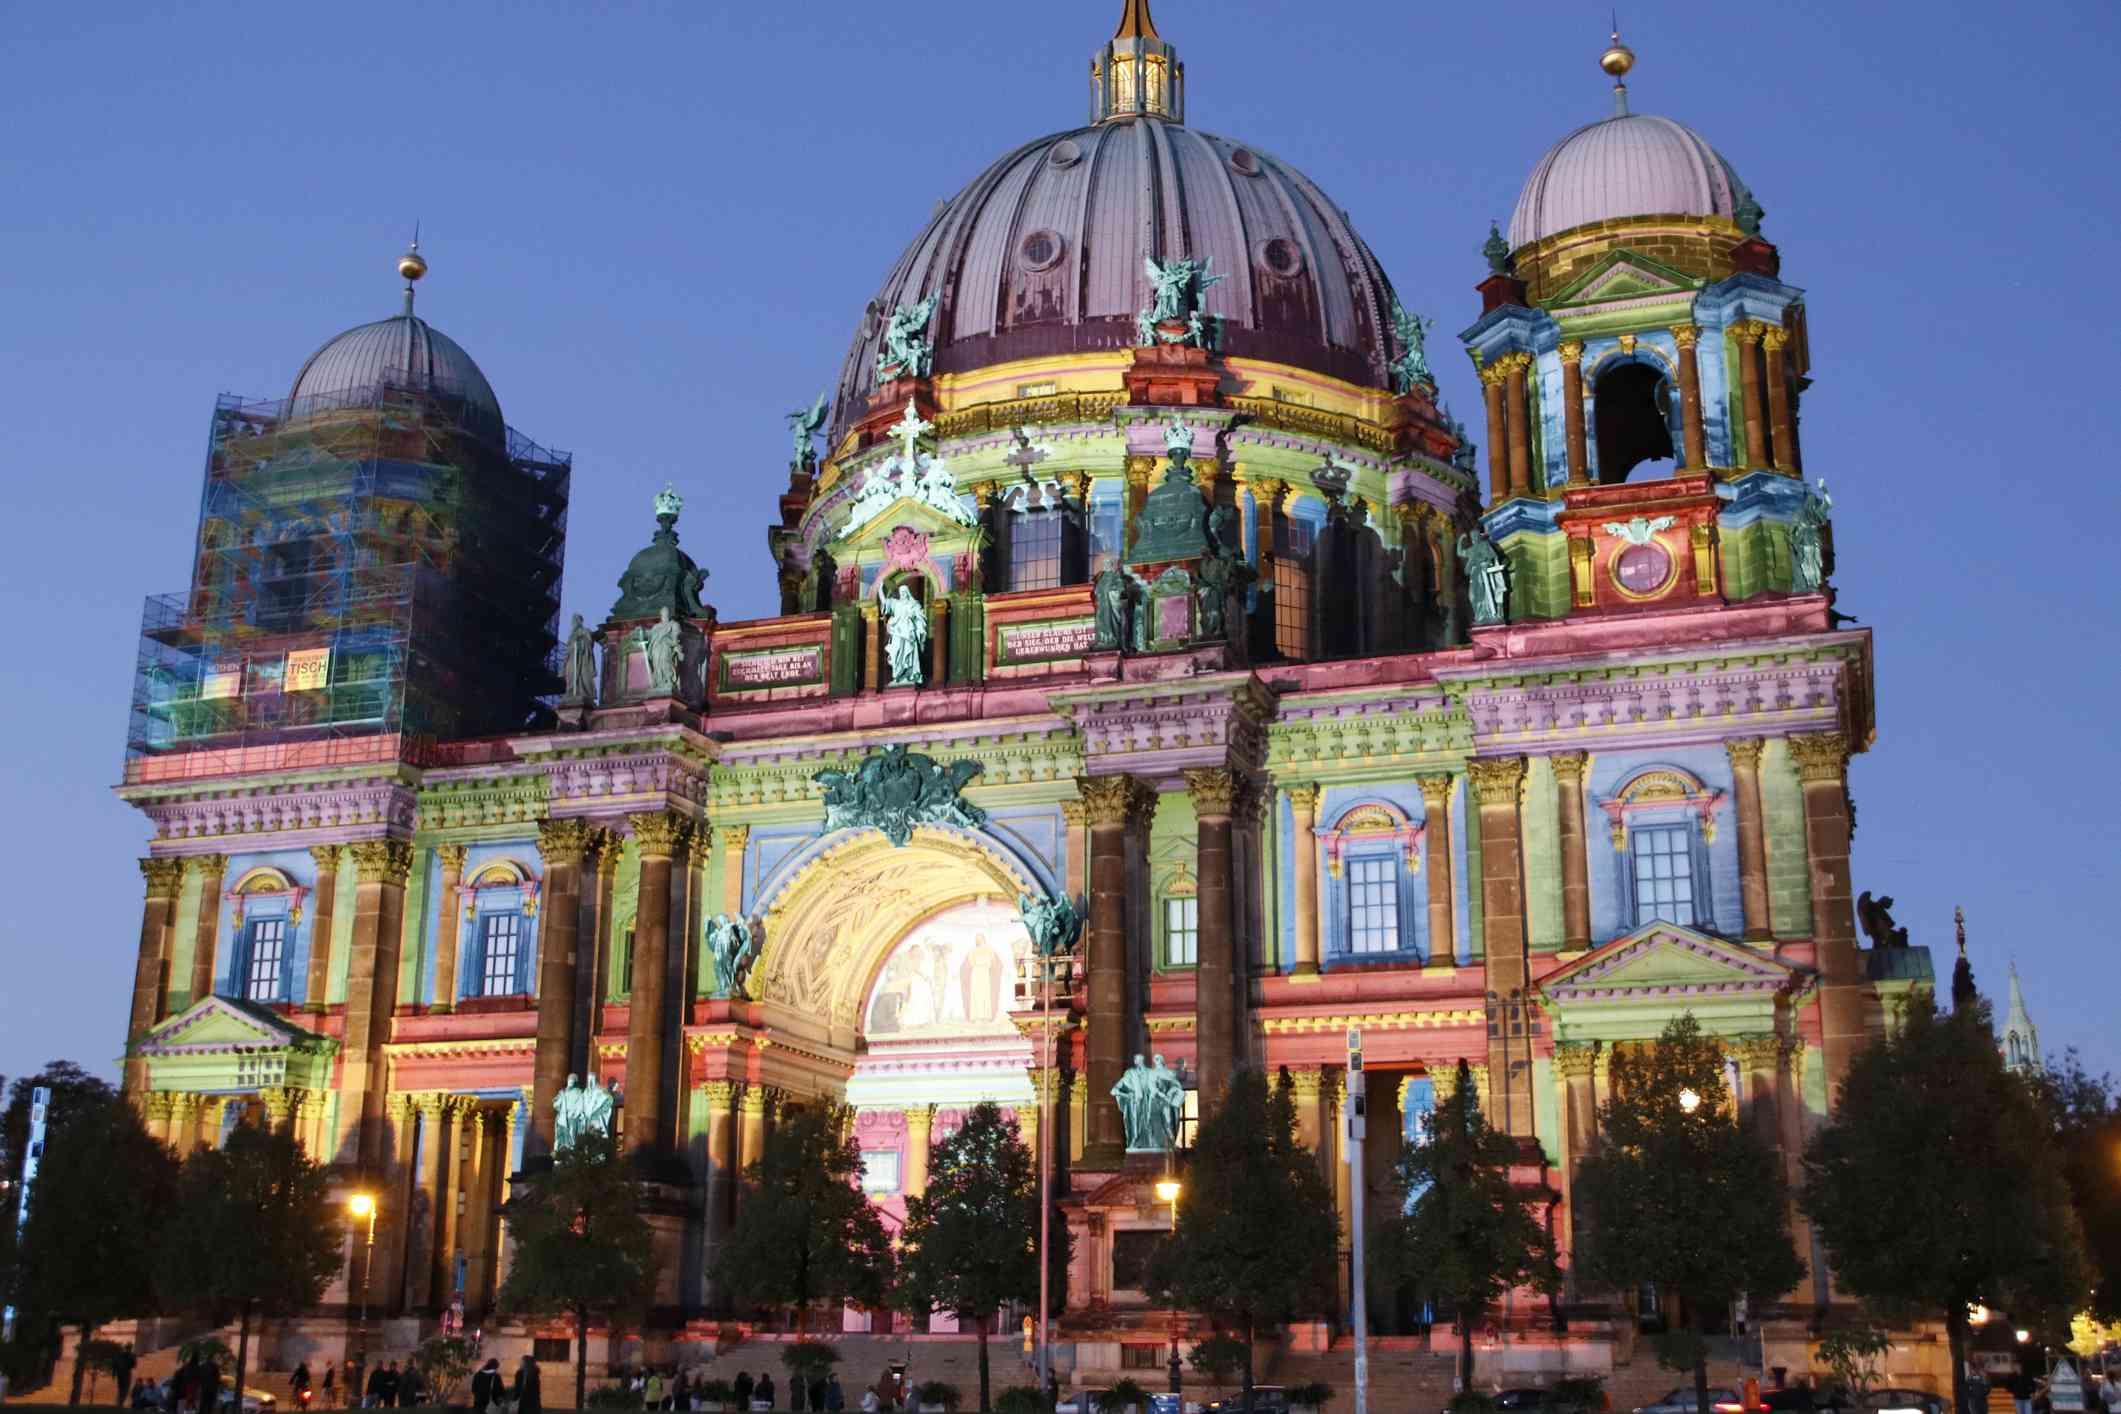 Berlin Dom Festival of lights